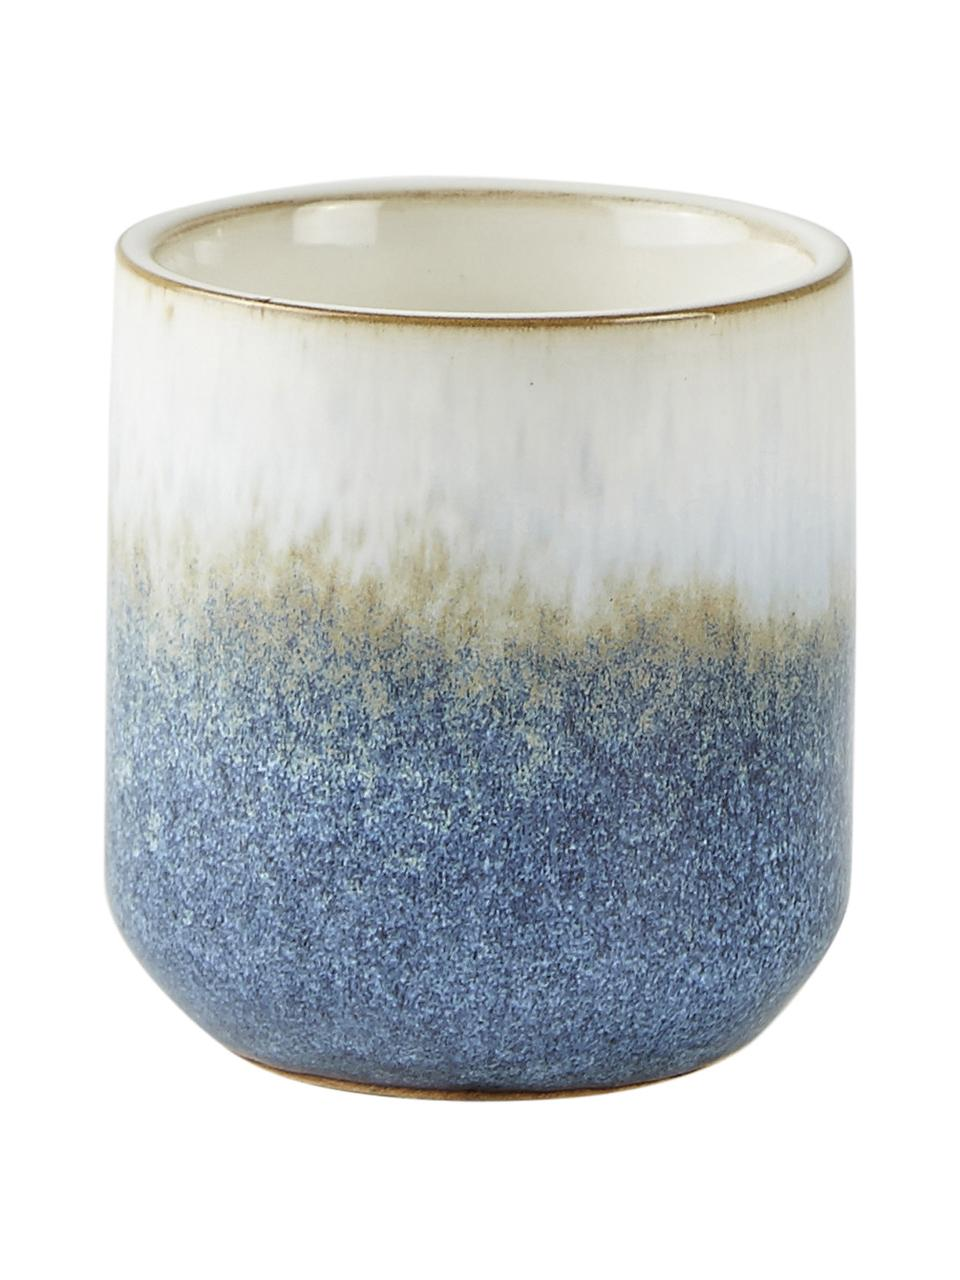 Duftkerze Sea Salt (Kokosnuss & Meersalz), Behälter: Keramik, Kokosnuss & Meersalz, Ø 7 x H 8 cm